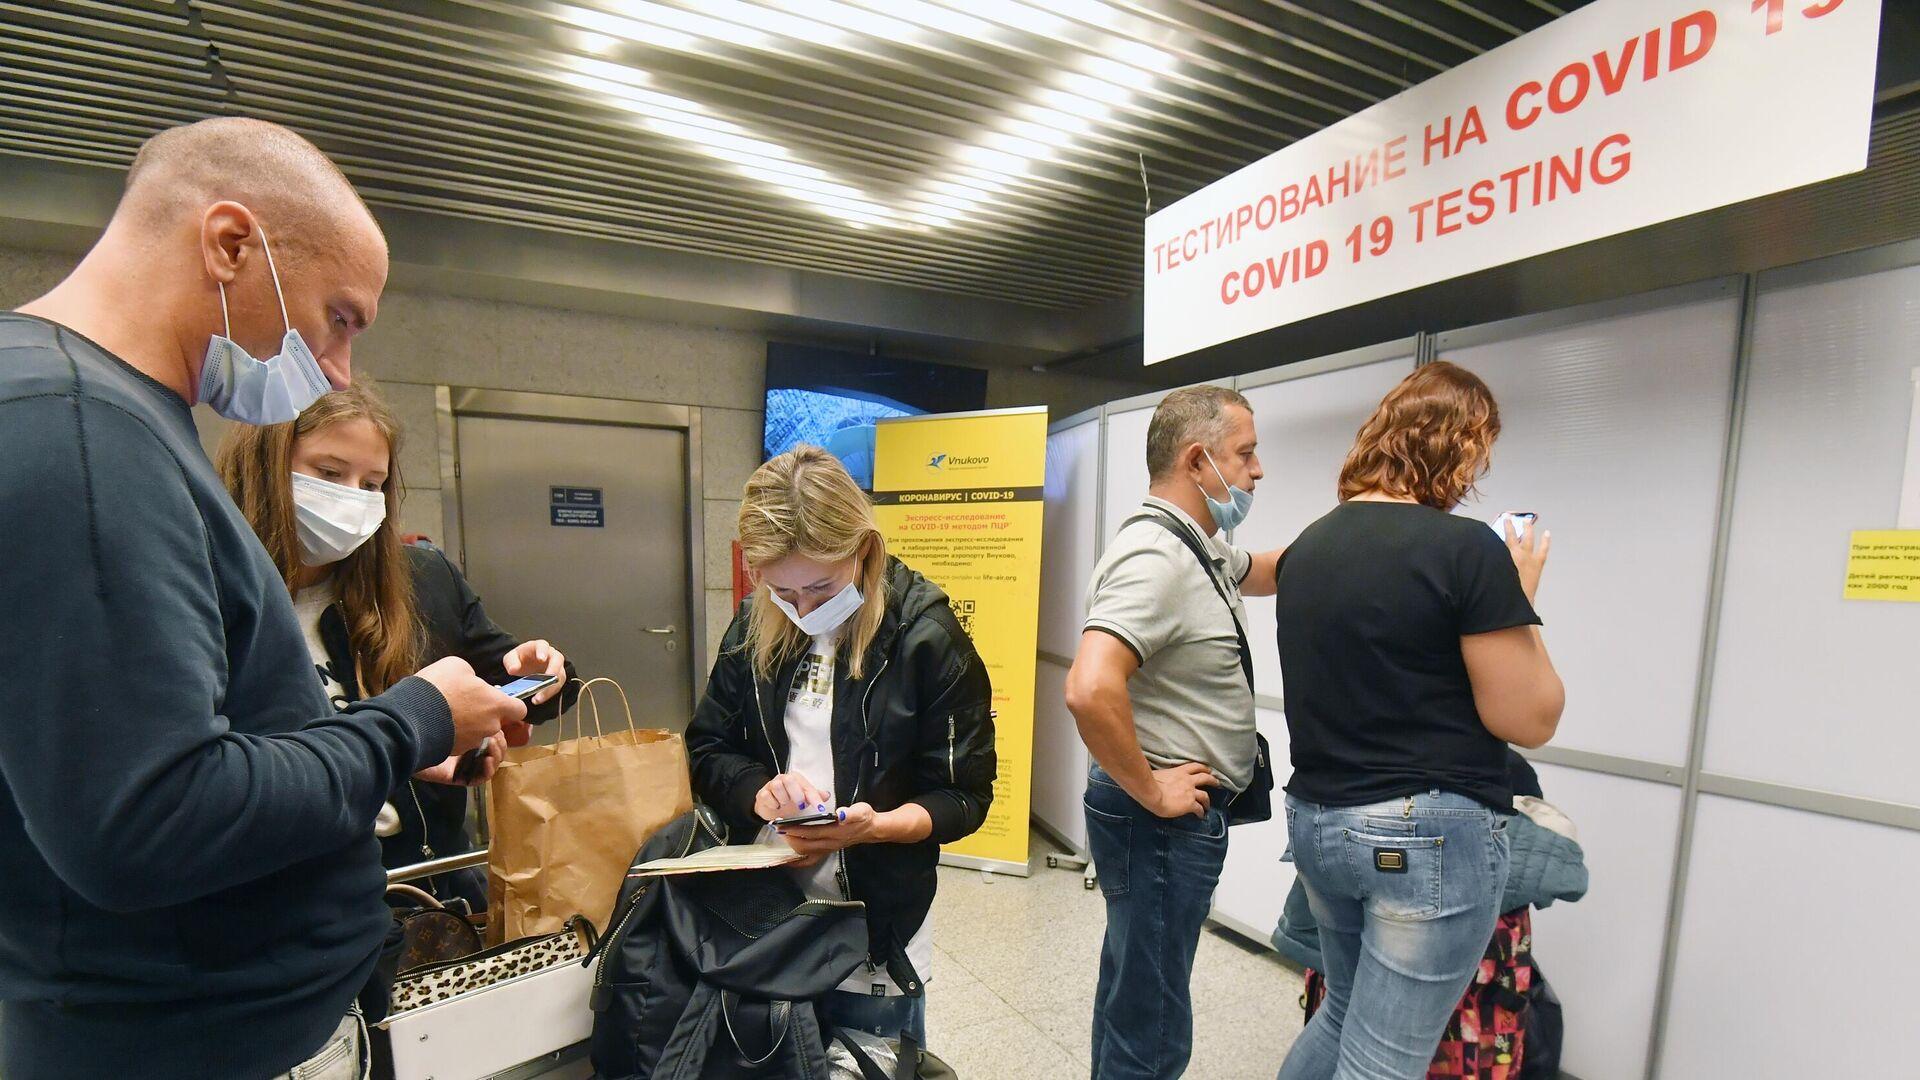 Пассажиры стоят в очереди на экспресс-тестирование на COVID-19 в международном аэропорту Внуково - РИА Новости, 1920, 12.10.2020